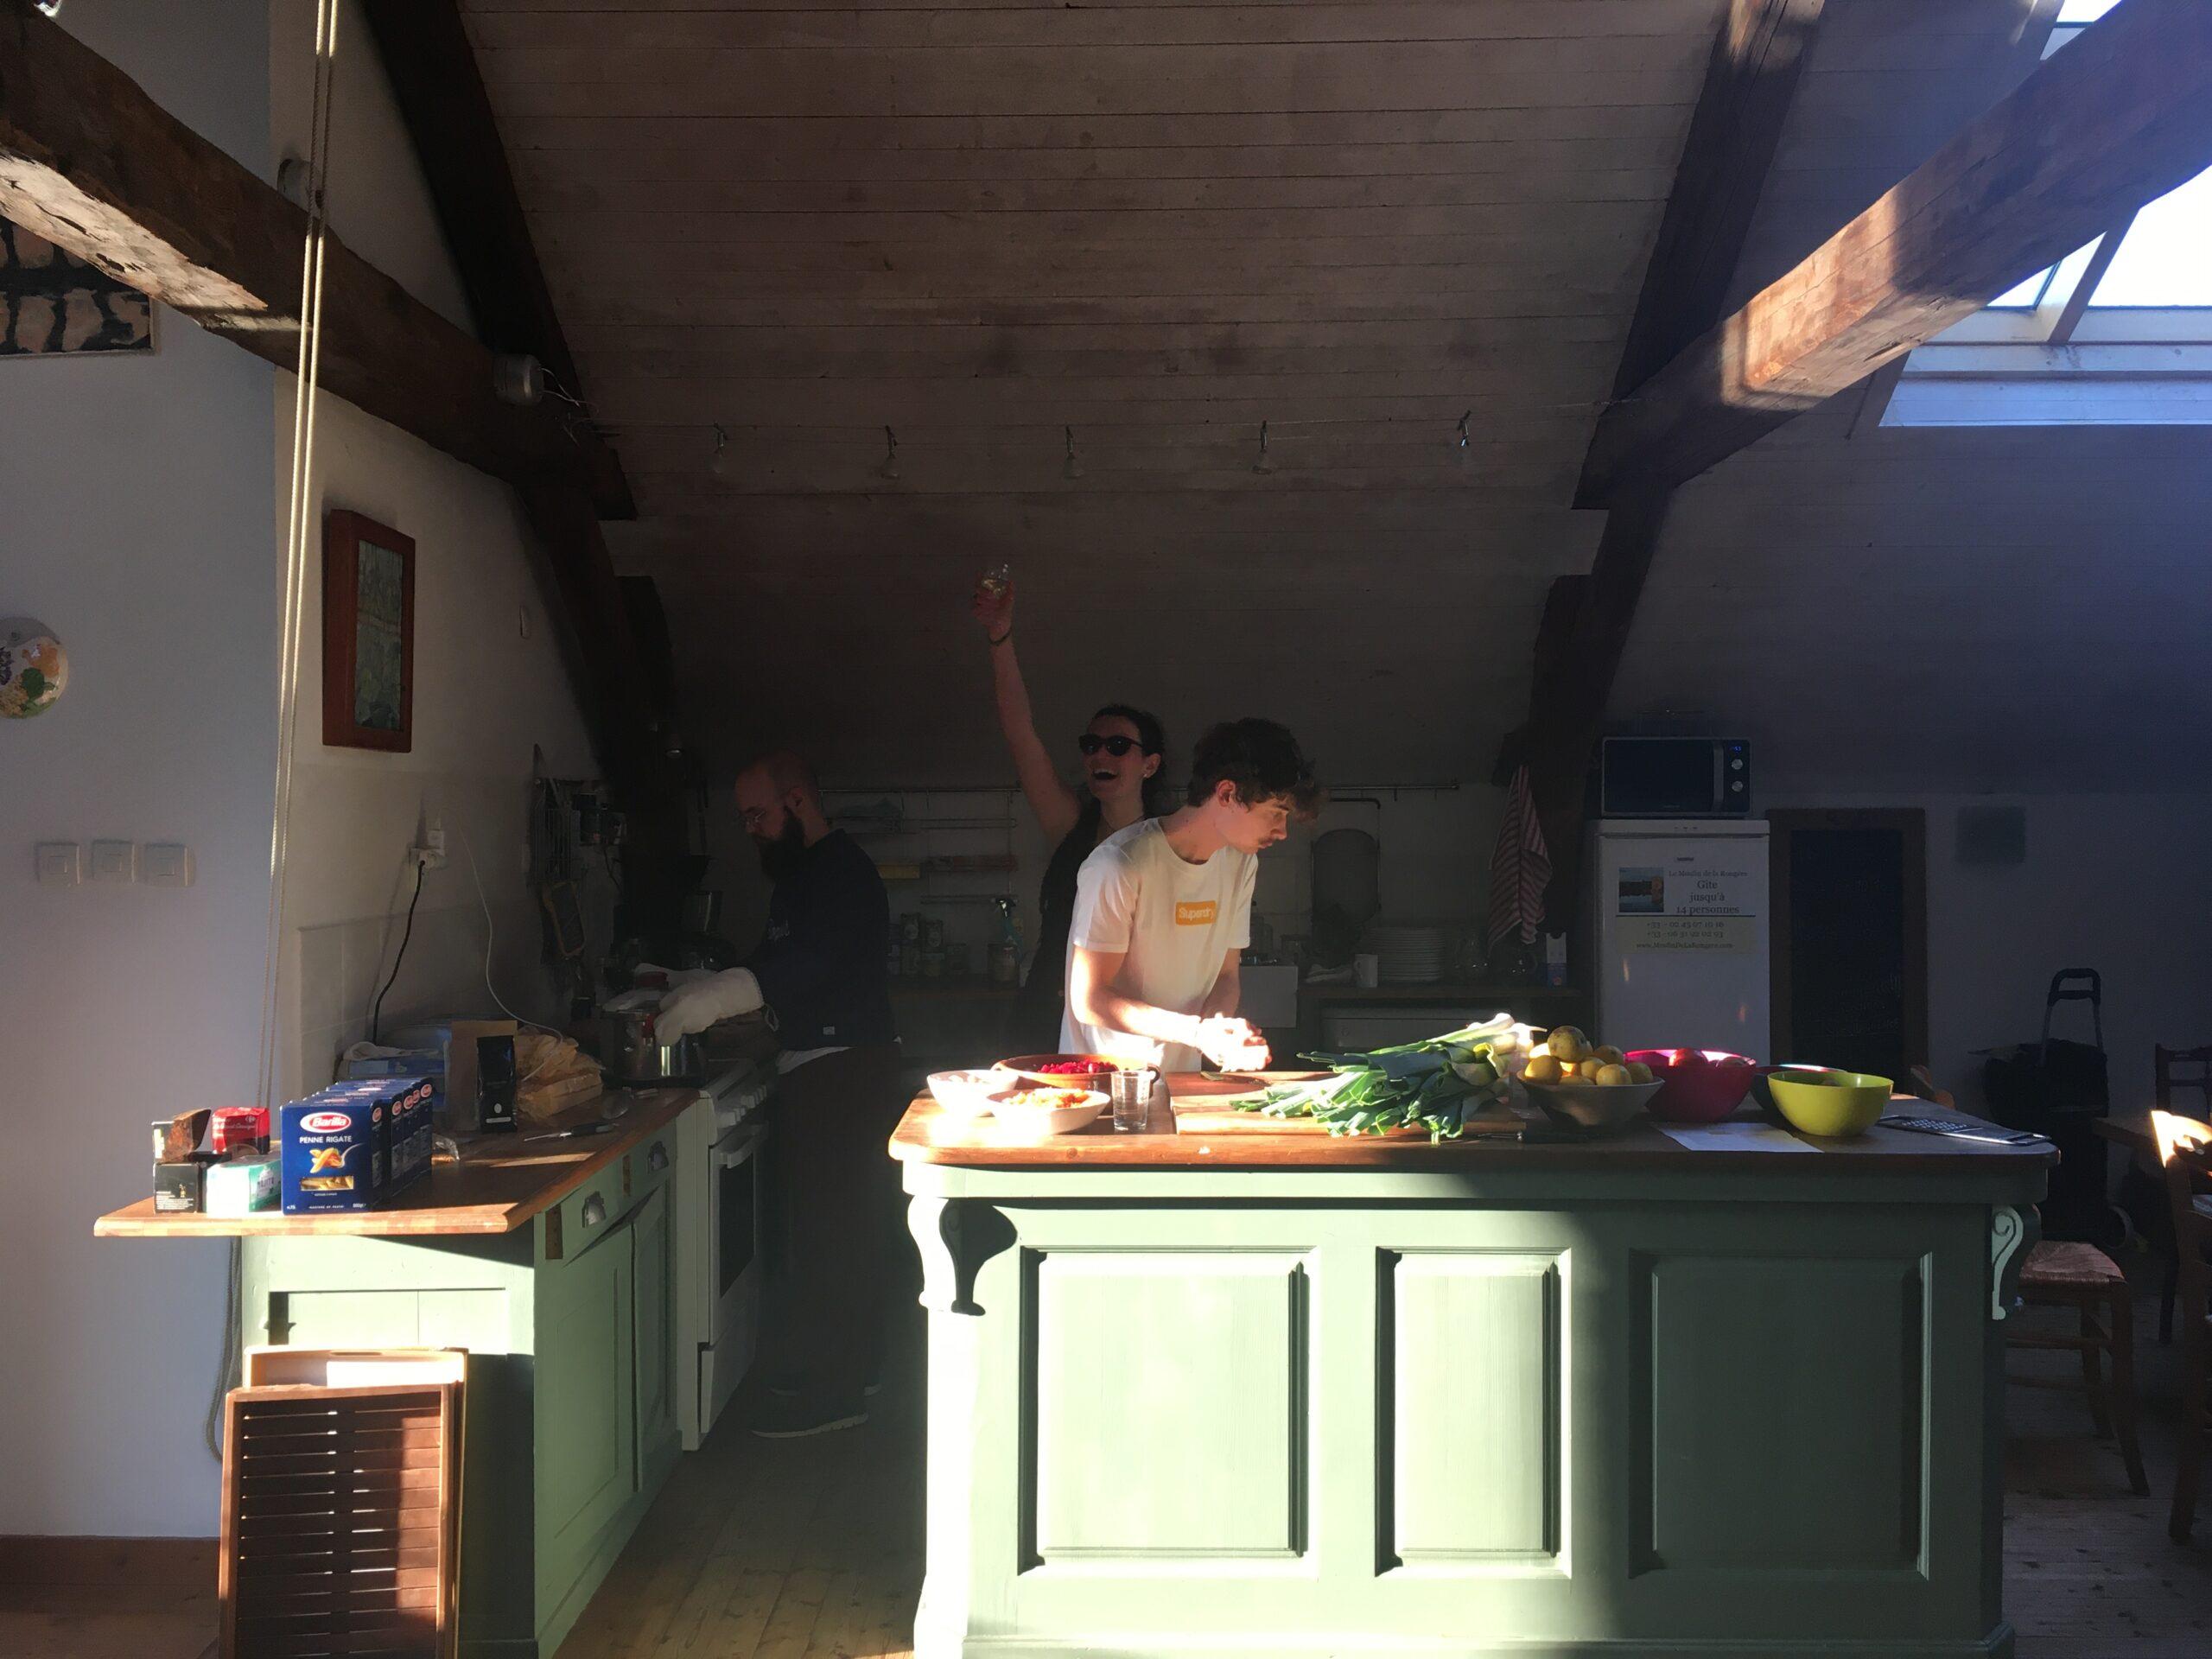 Préparation des repas , Nolo Calage et Graziella Roger